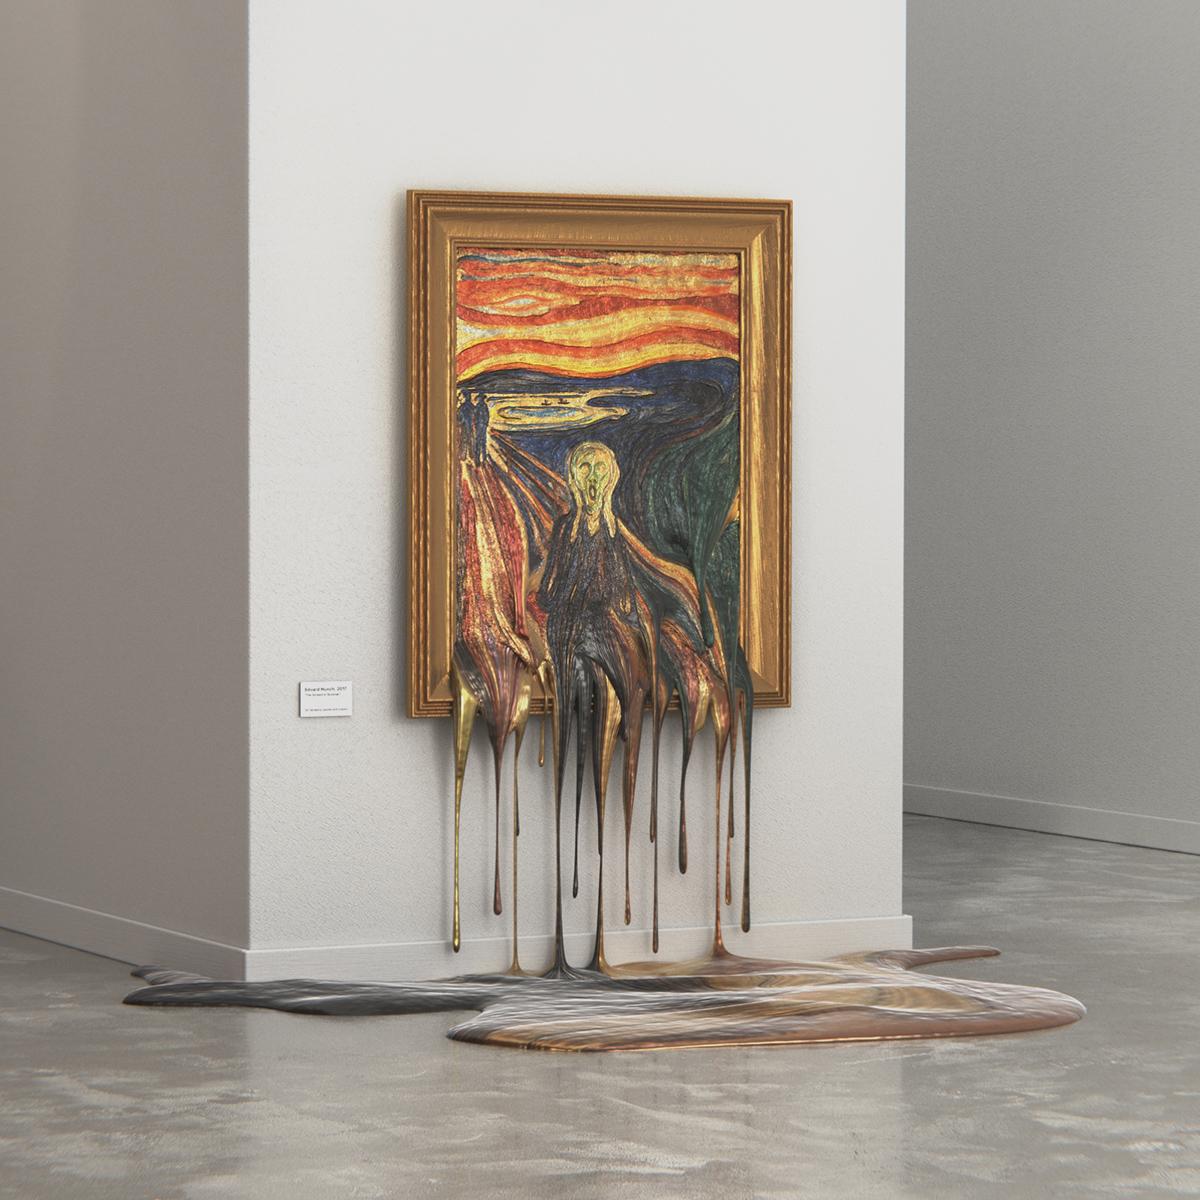 Hot Art Exhibition, gli effetti dell'estate sulle opere arte | Collater.al5